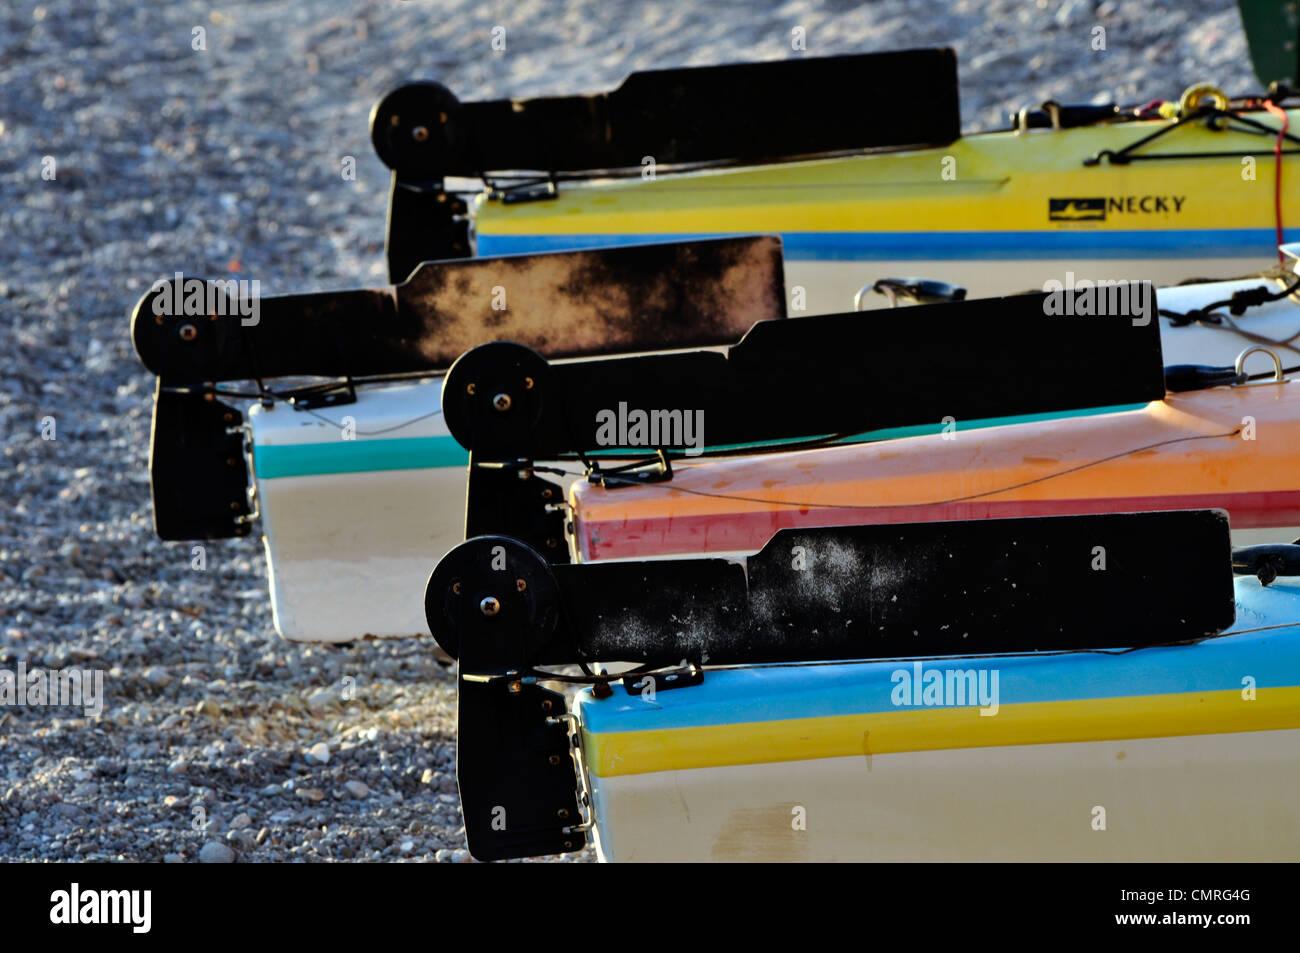 Kayak Rudder Stock Photos & Kayak Rudder Stock Images - Alamy